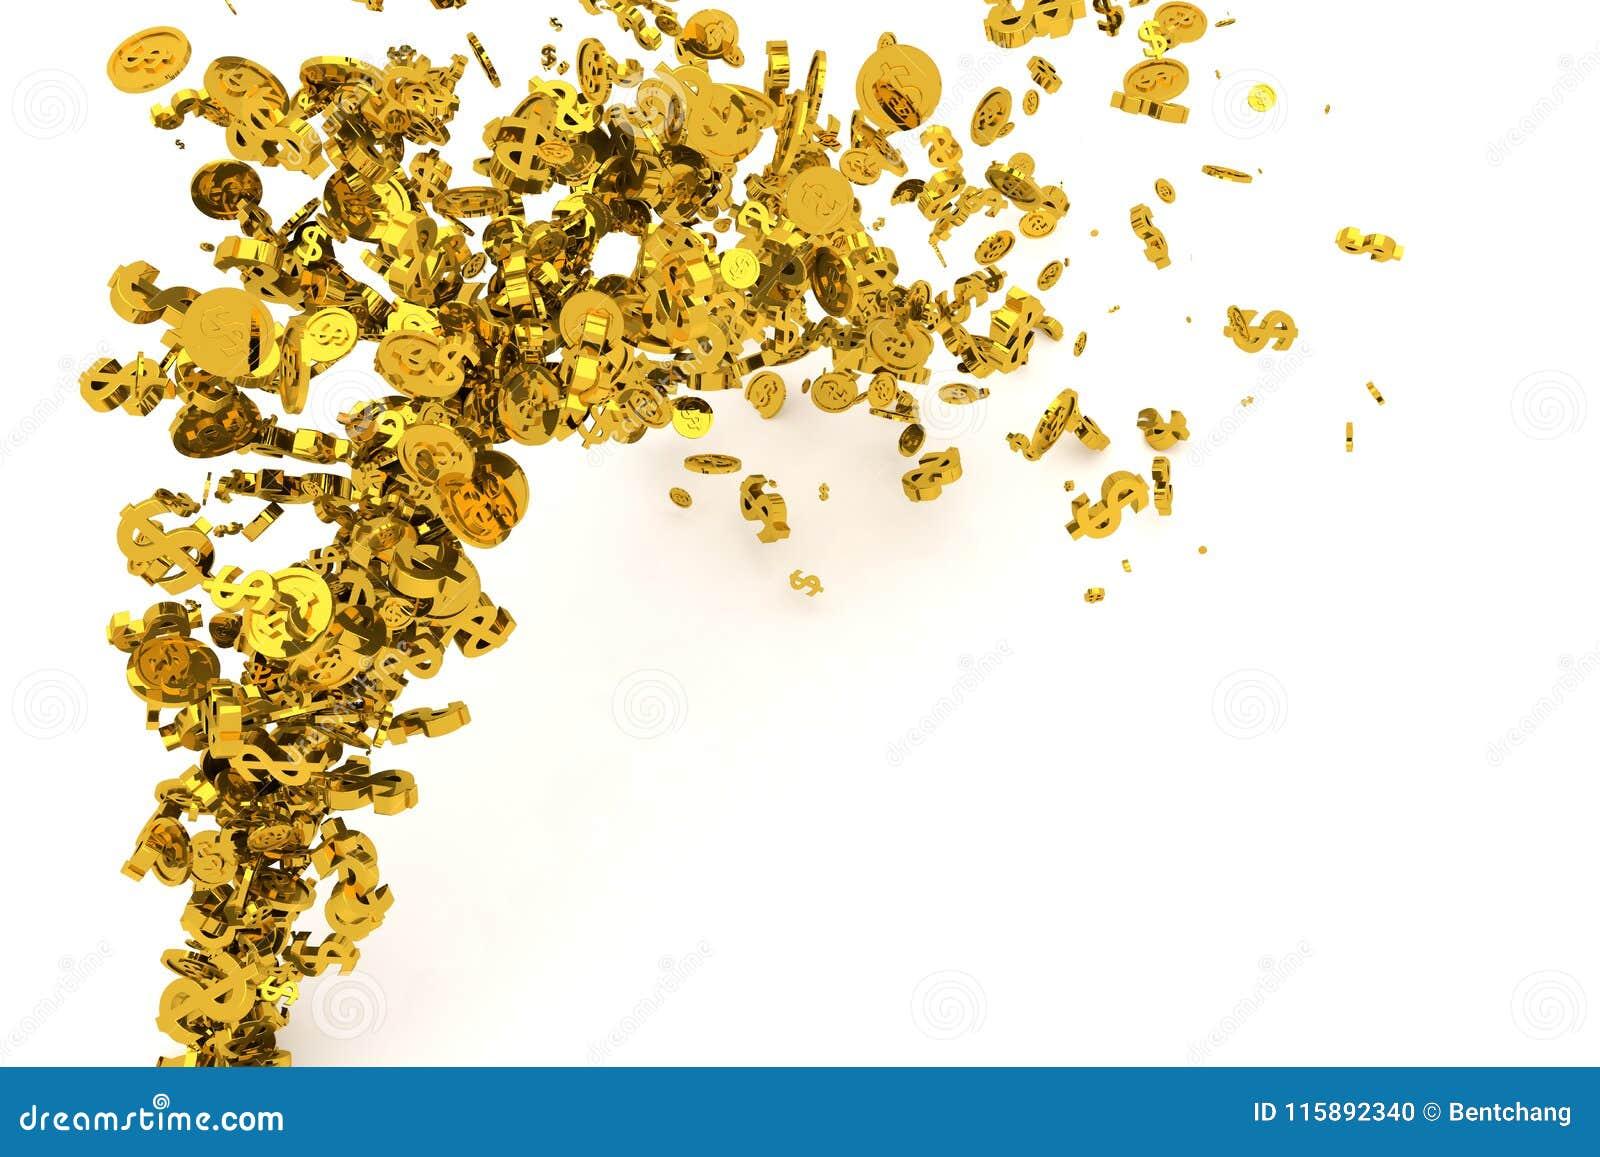 Пук денег, золото, знак доллара или монетки пропускают от пола, современной предпосылки стиля или текстуры